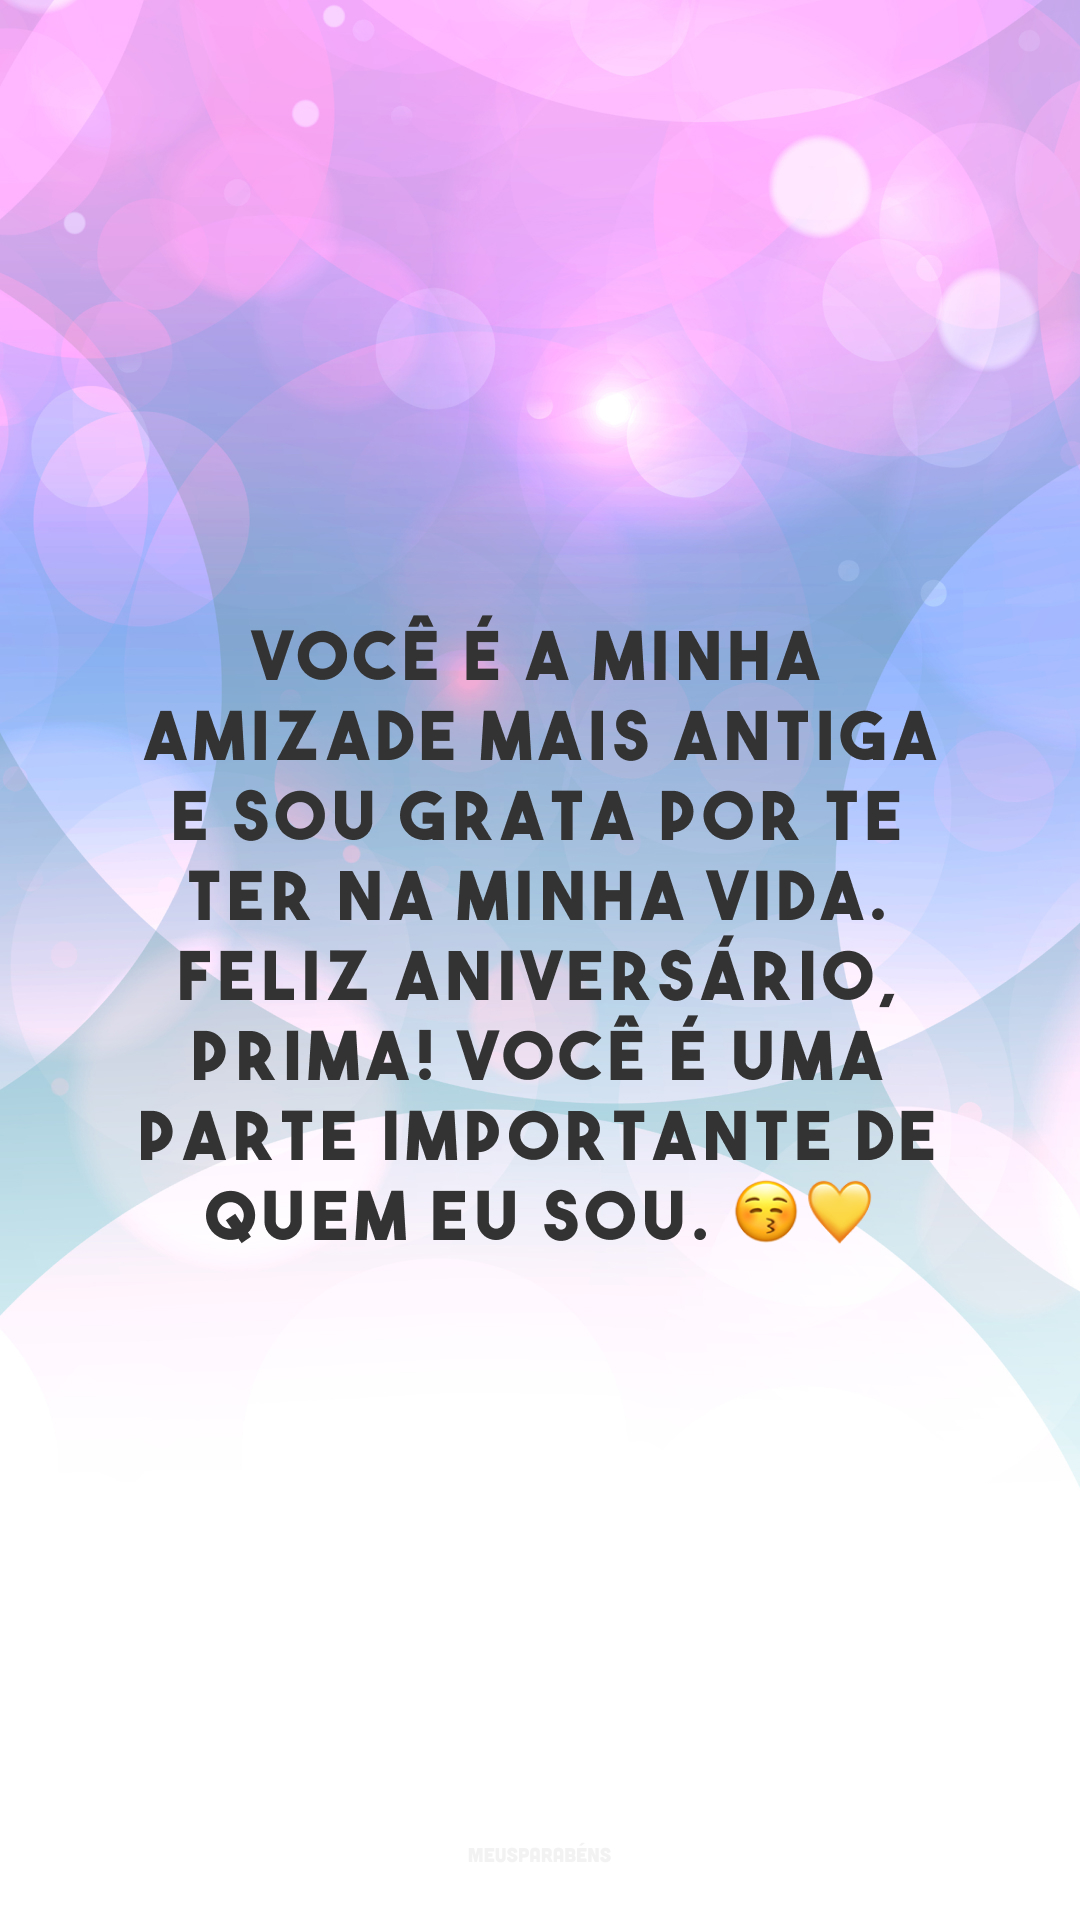 Você é a minha amizade mais antiga e sou grata por te ter na minha vida. Feliz aniversário, prima! Você é uma parte importante de quem eu sou. 😚💛